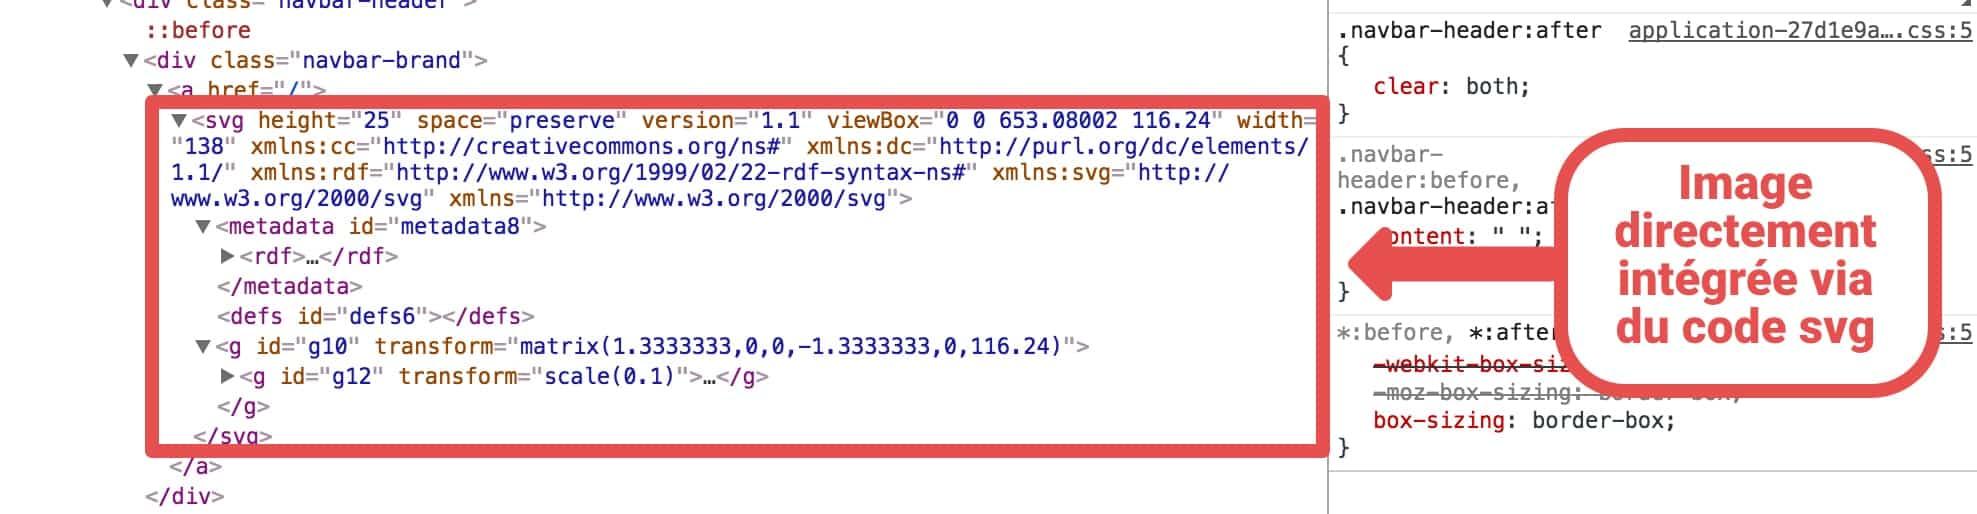 Analyse du code source d'un site web. Nous pouvons voir du code <svg></svg>